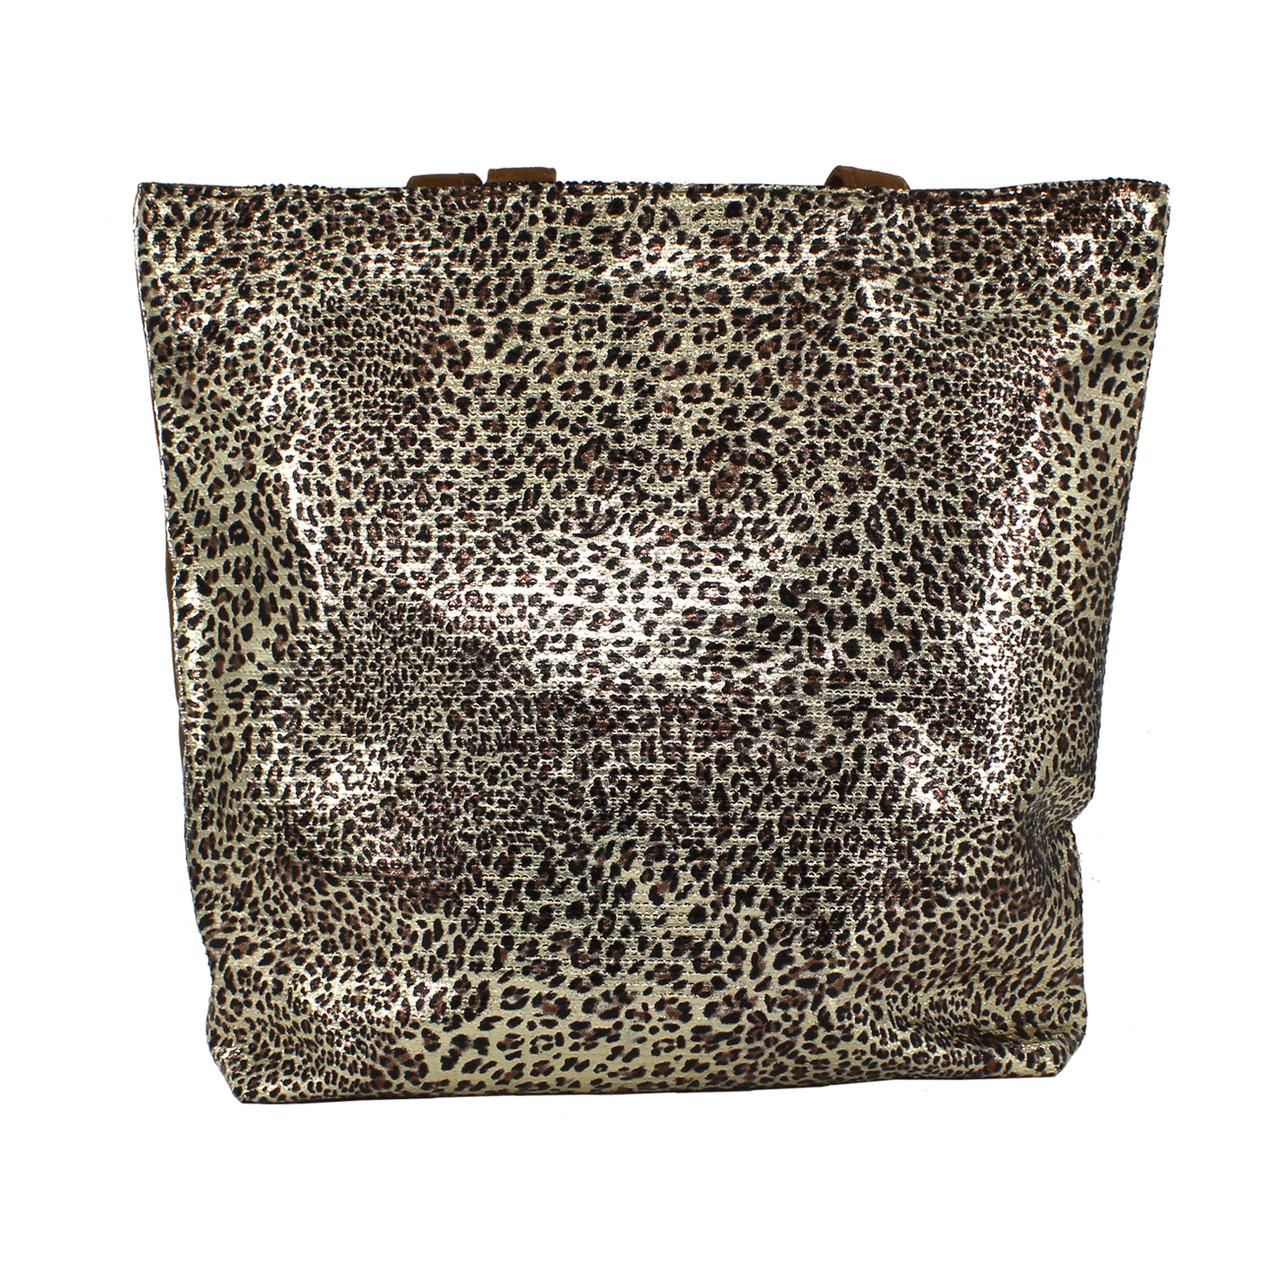 Сумка женская Marmilen Леопардовый принт (453212-05 )